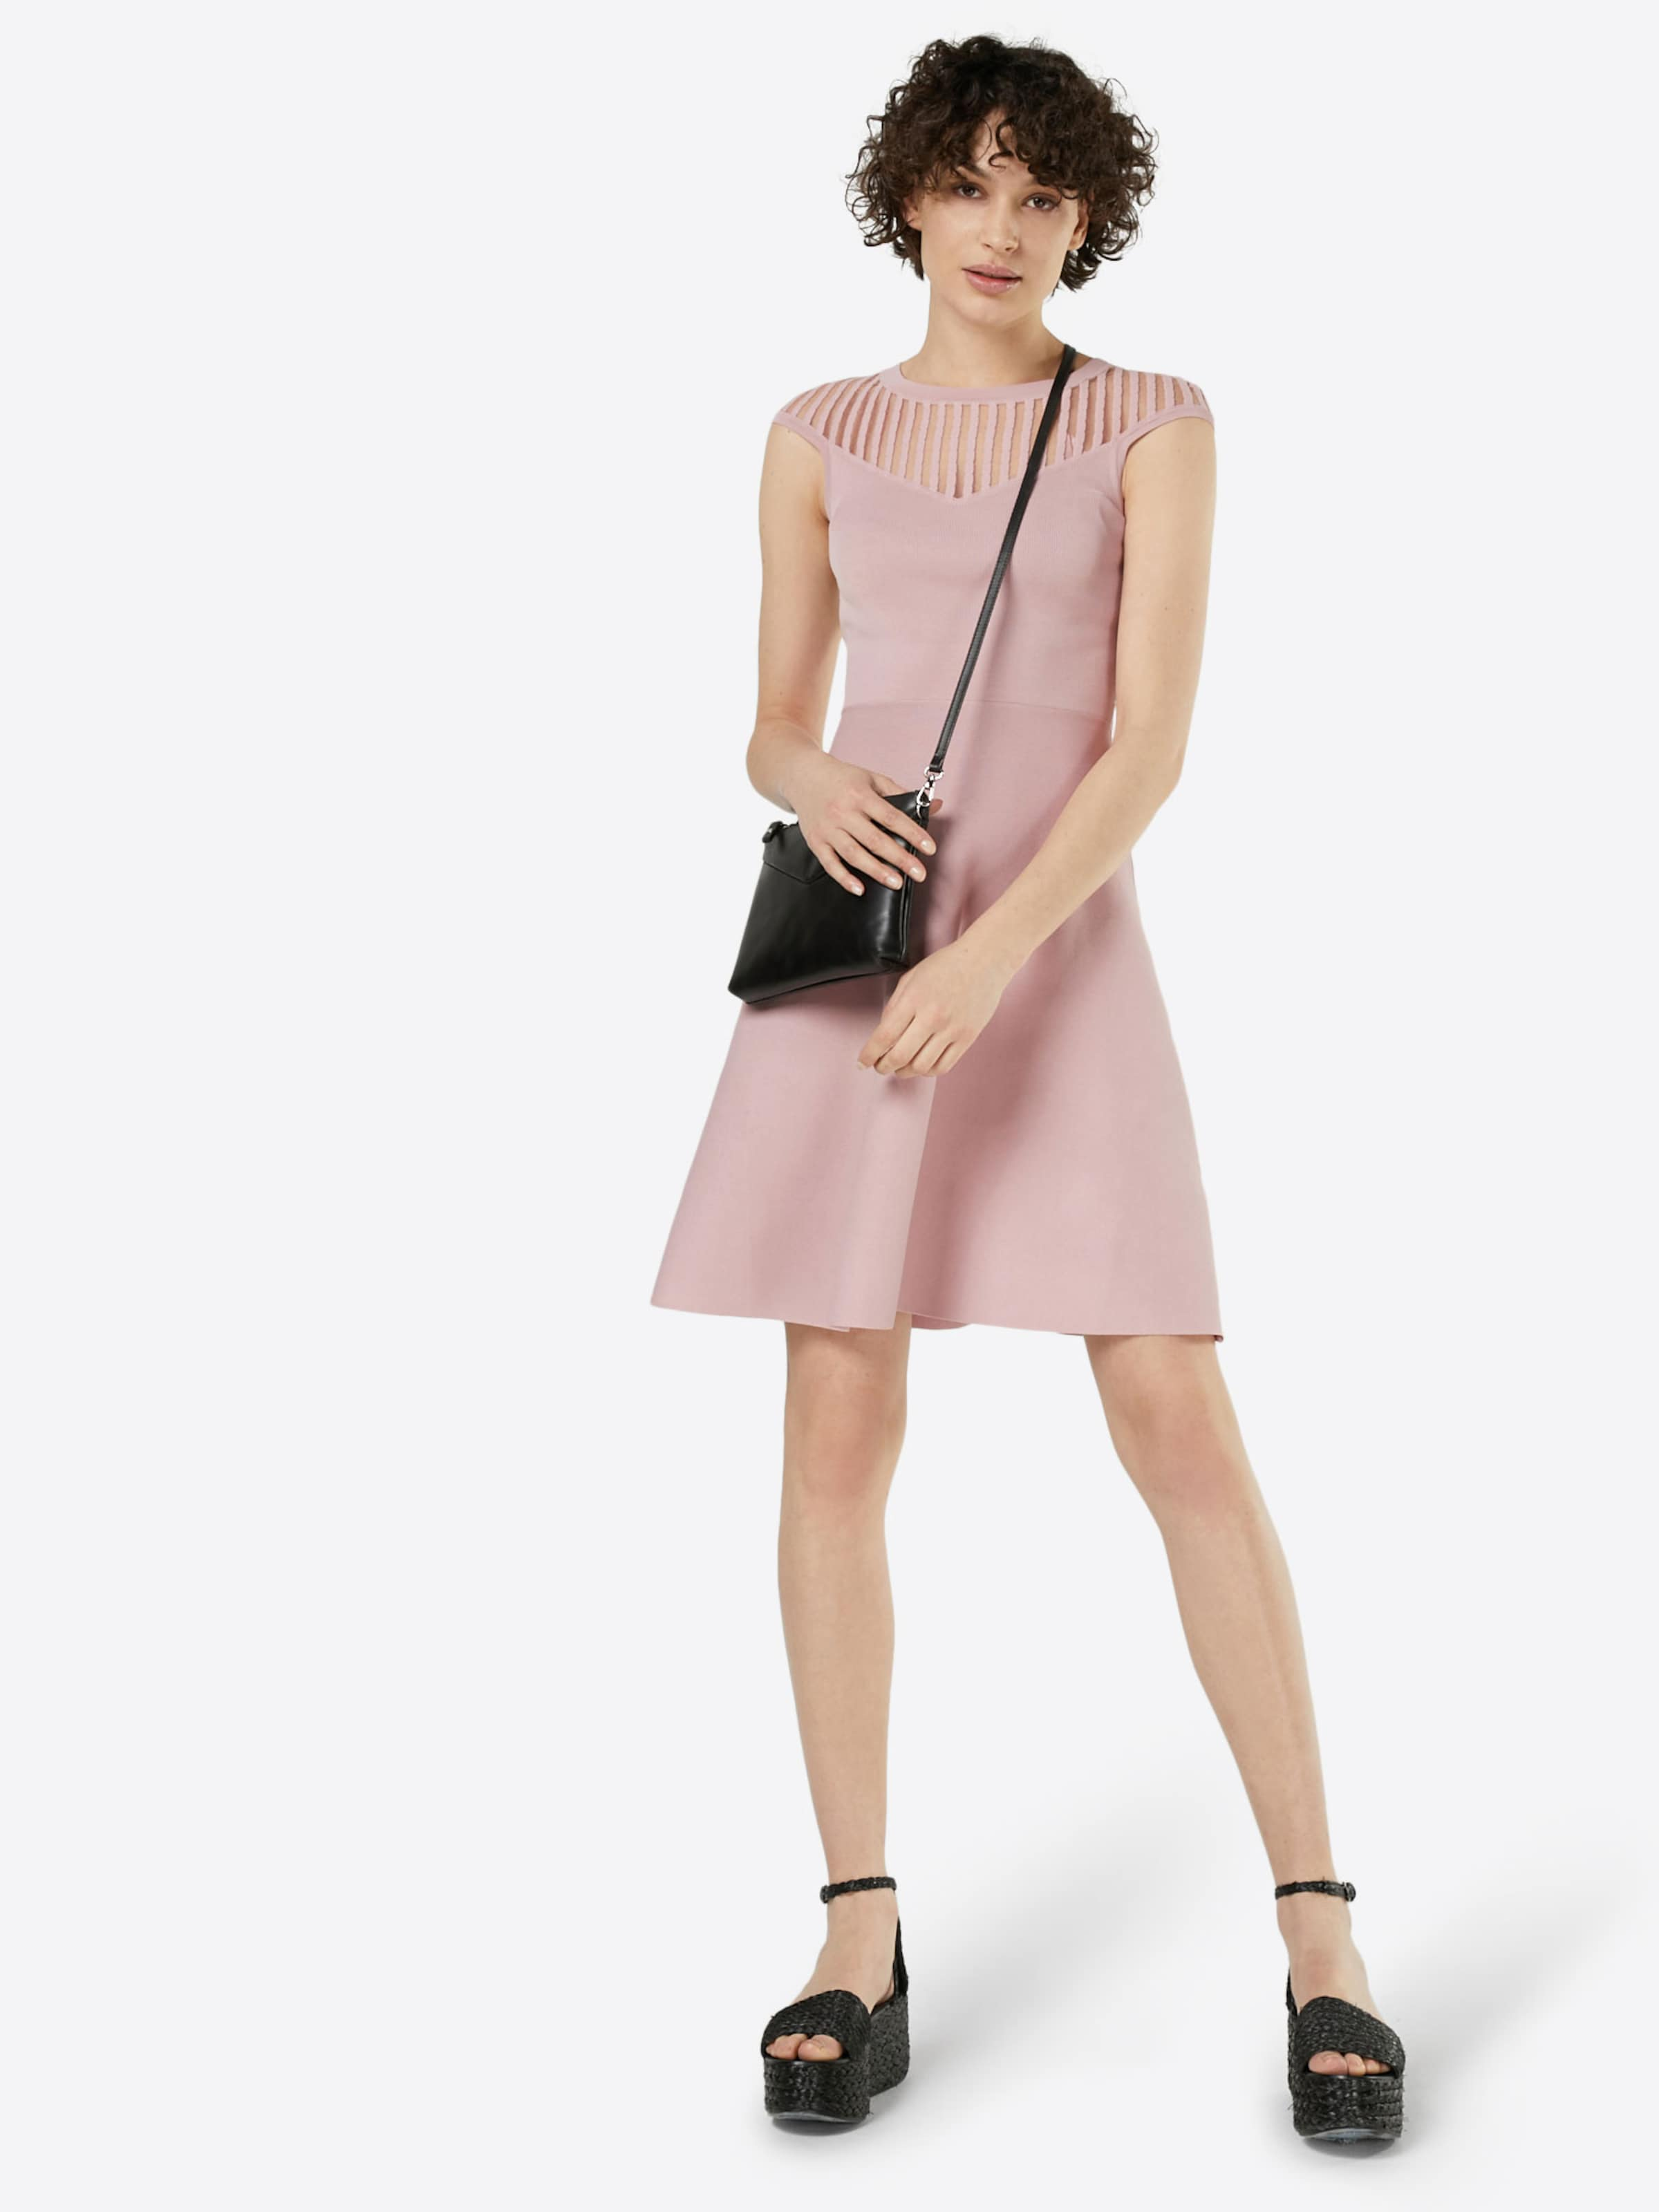 Günstig Kaufen Verkauf FRENCH CONNECTION Kleid 'Rose Crepe Knit' Rabatt Finish Y6EDl7